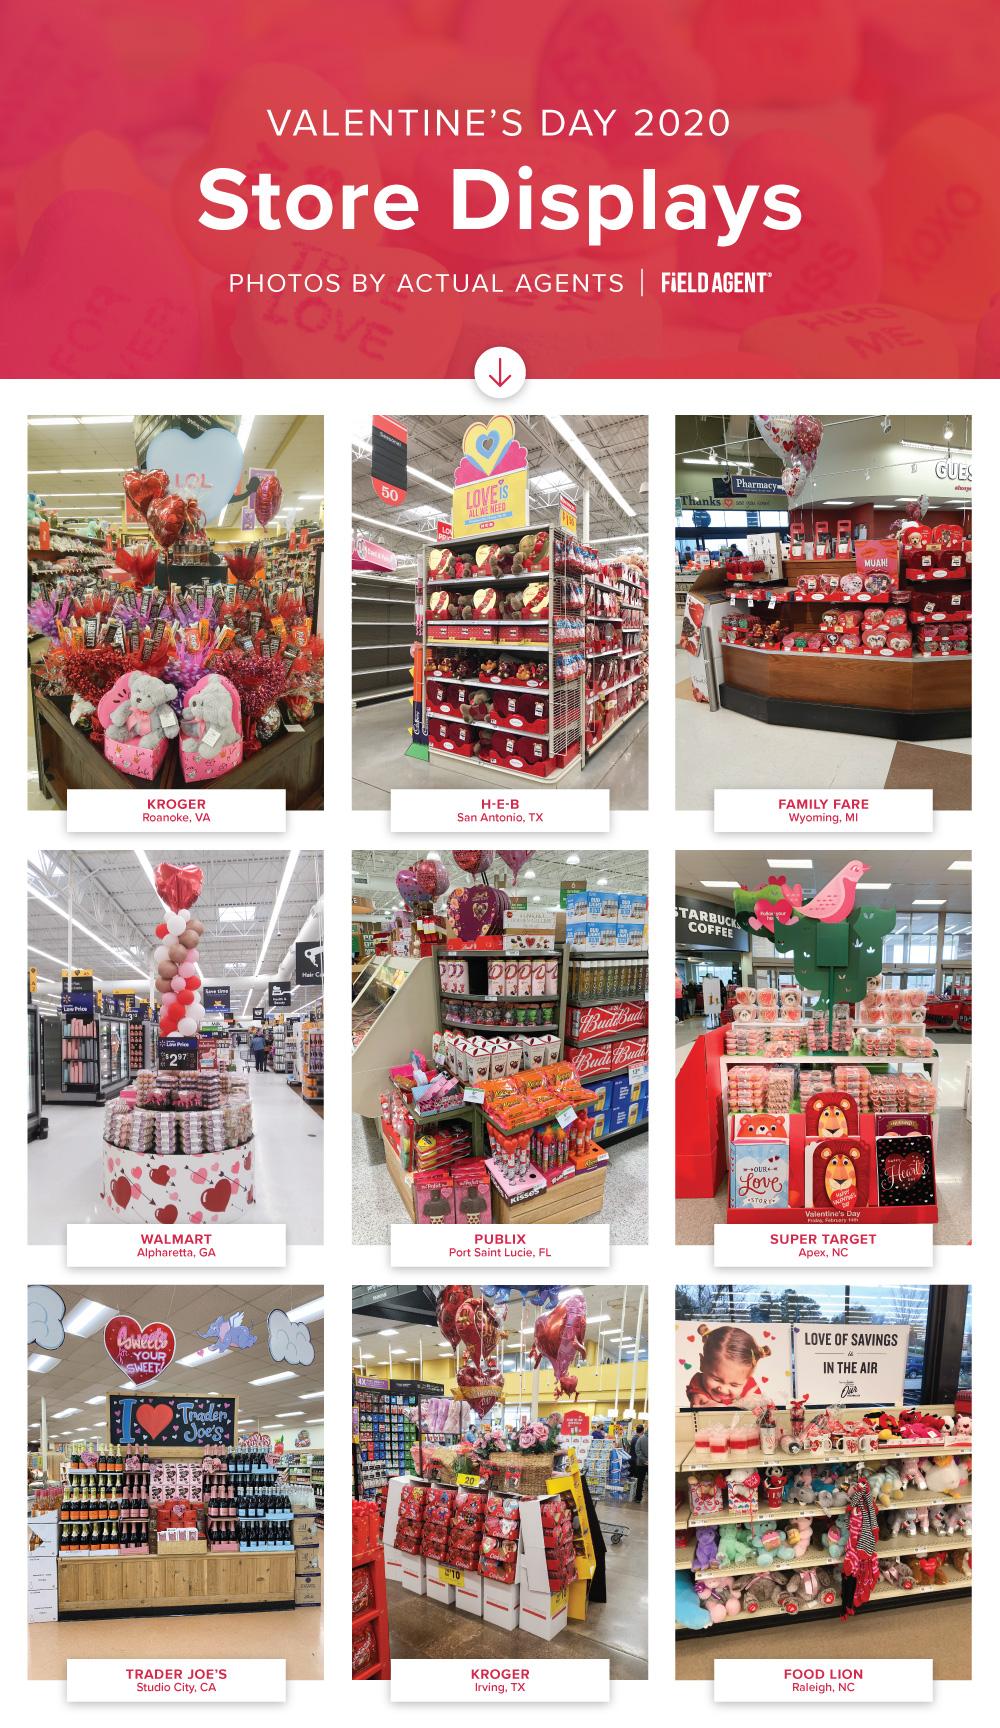 Valentines Store Displays 2020 - Seasonal Display Gallery